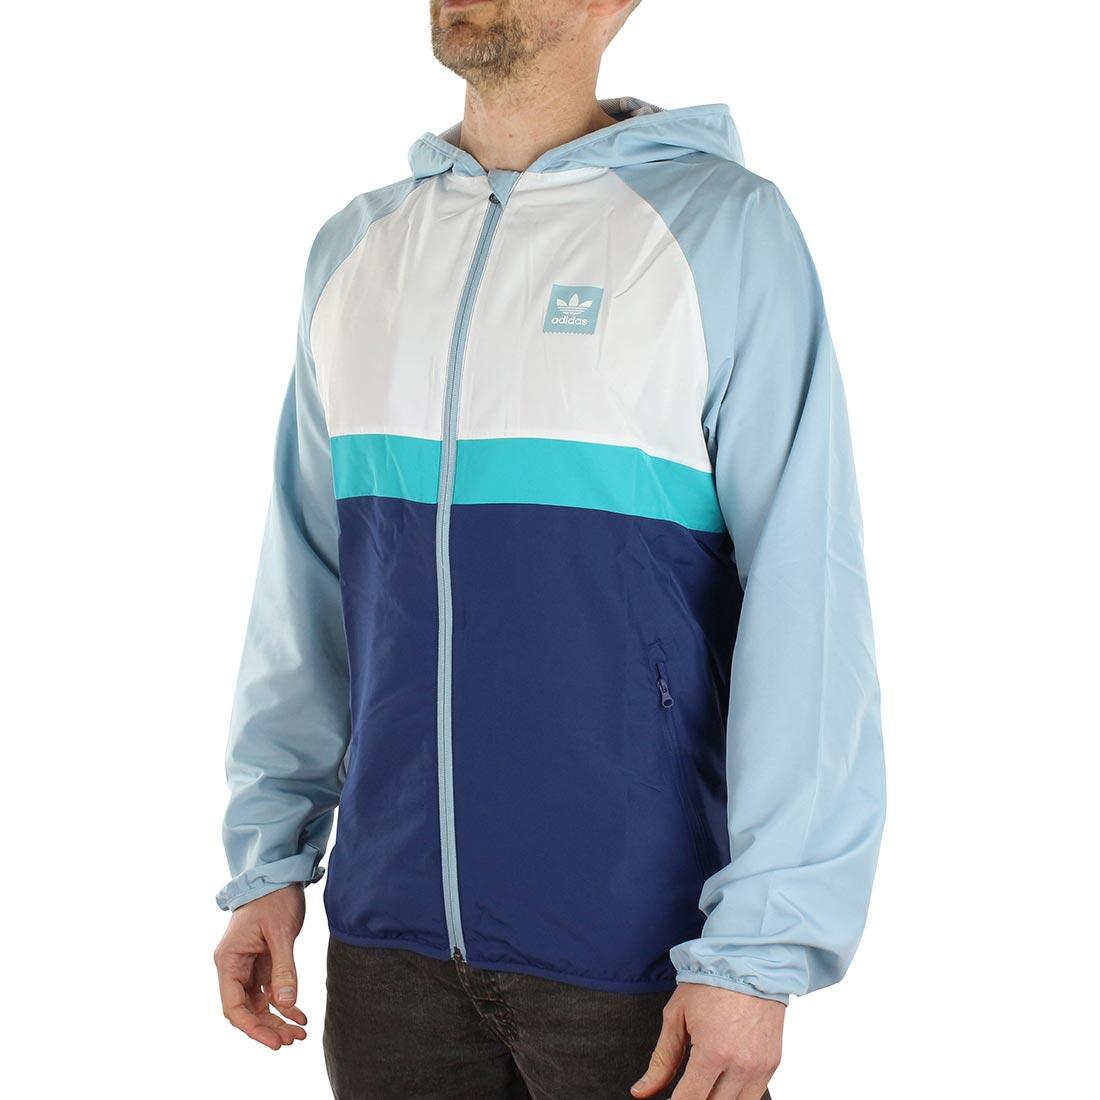 31488adfba Adidas BB Wind Jacket - Art / Ash Grey / Shock Green